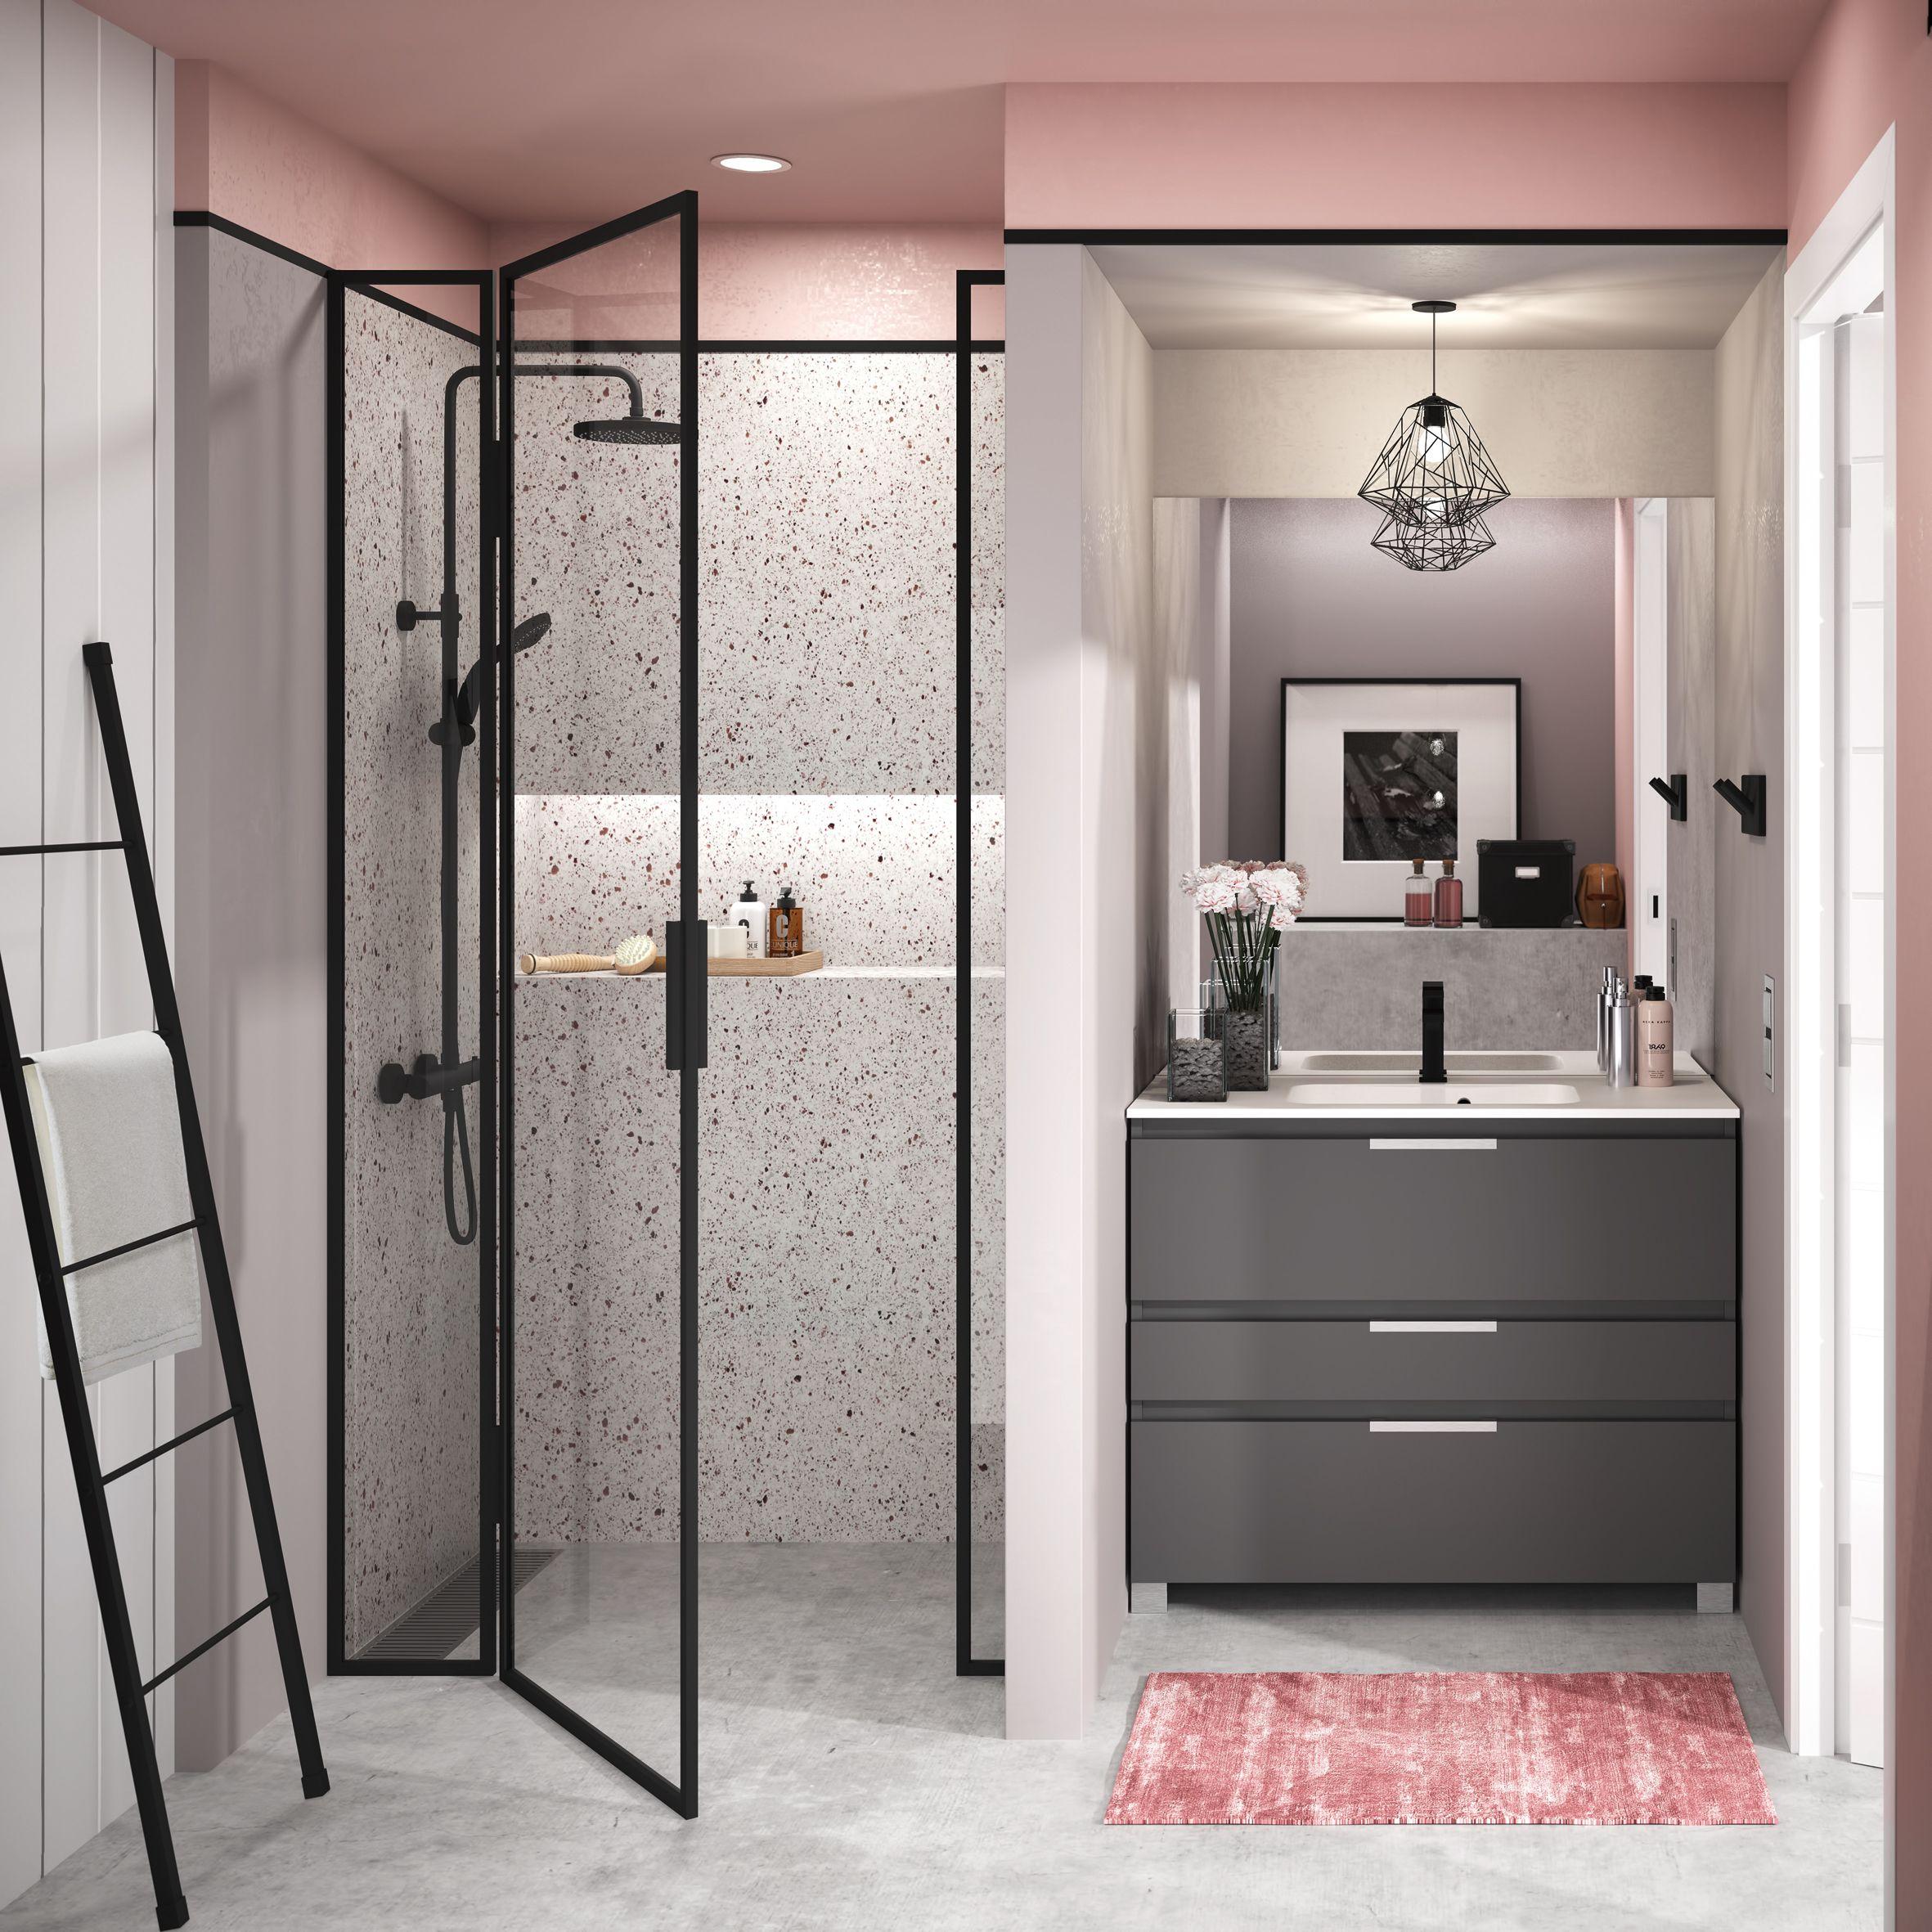 Ten meubles de salle de bains baignoires fabricant - Fabricant meuble de salle de bain ...